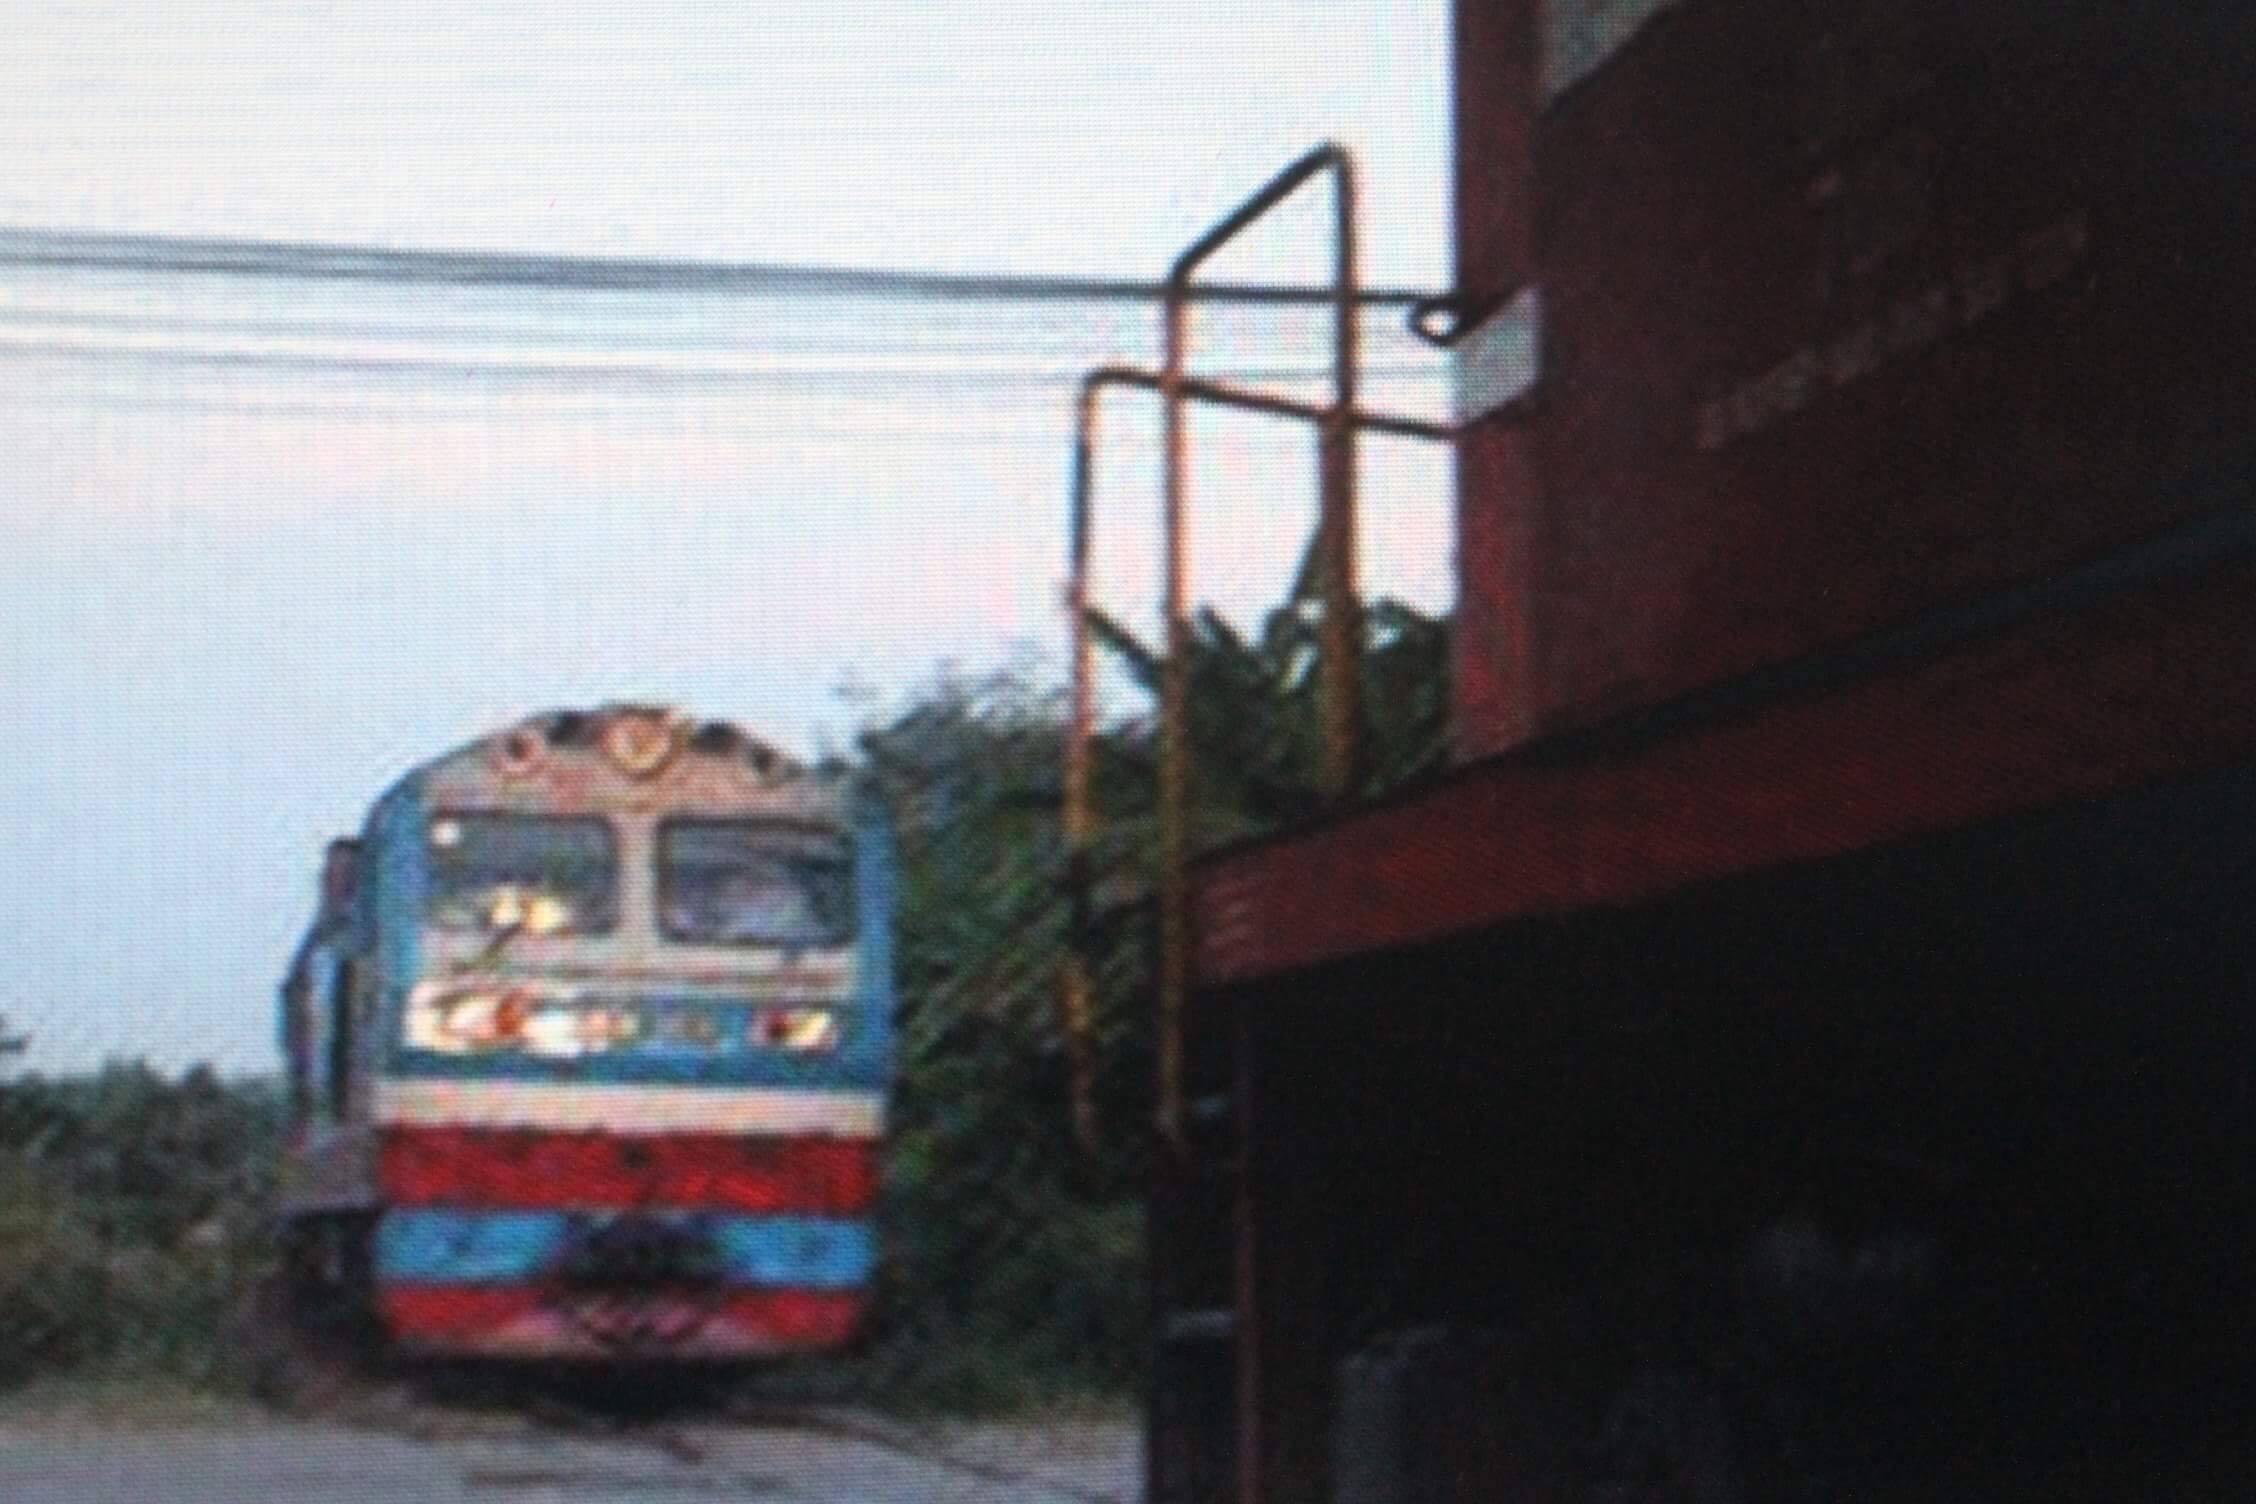 Hai tàu hỏa suýt đâm nhau, kịp dừng khi cách nhau 10m - 1